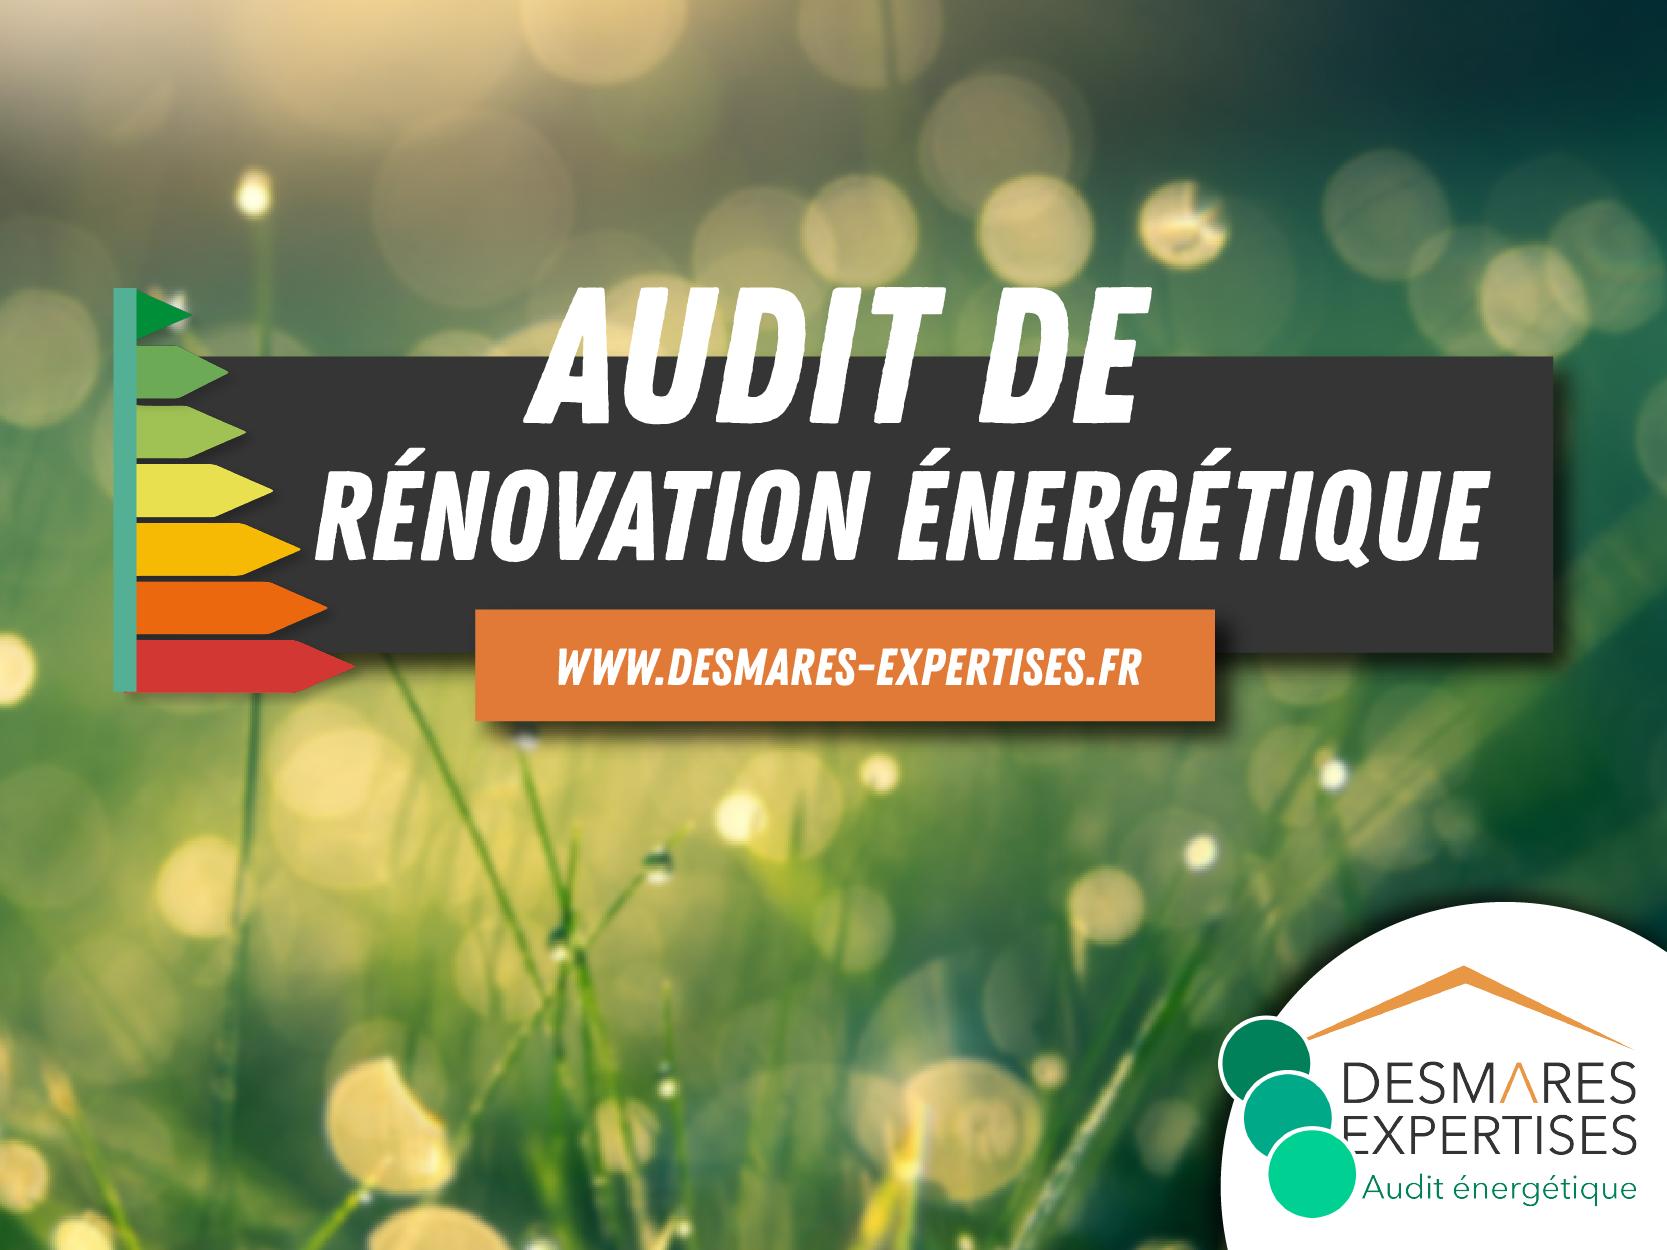 audit renovation energetique desmares expertise